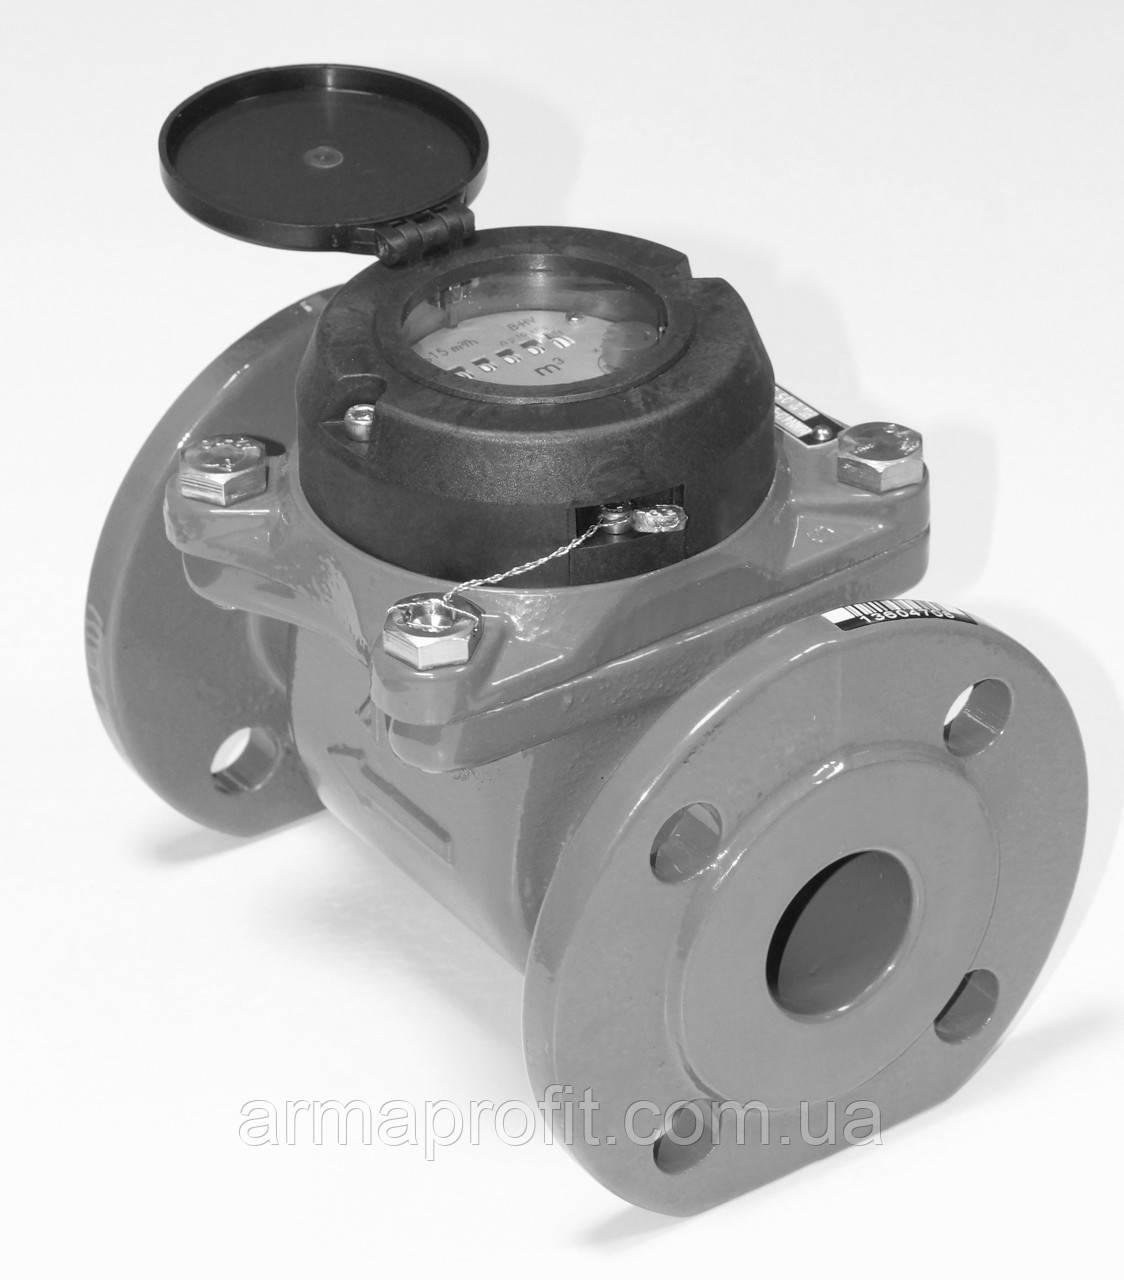 Счетчик горячей воды турбинный фланцевый Ду250 Powogaz MWN-130-250